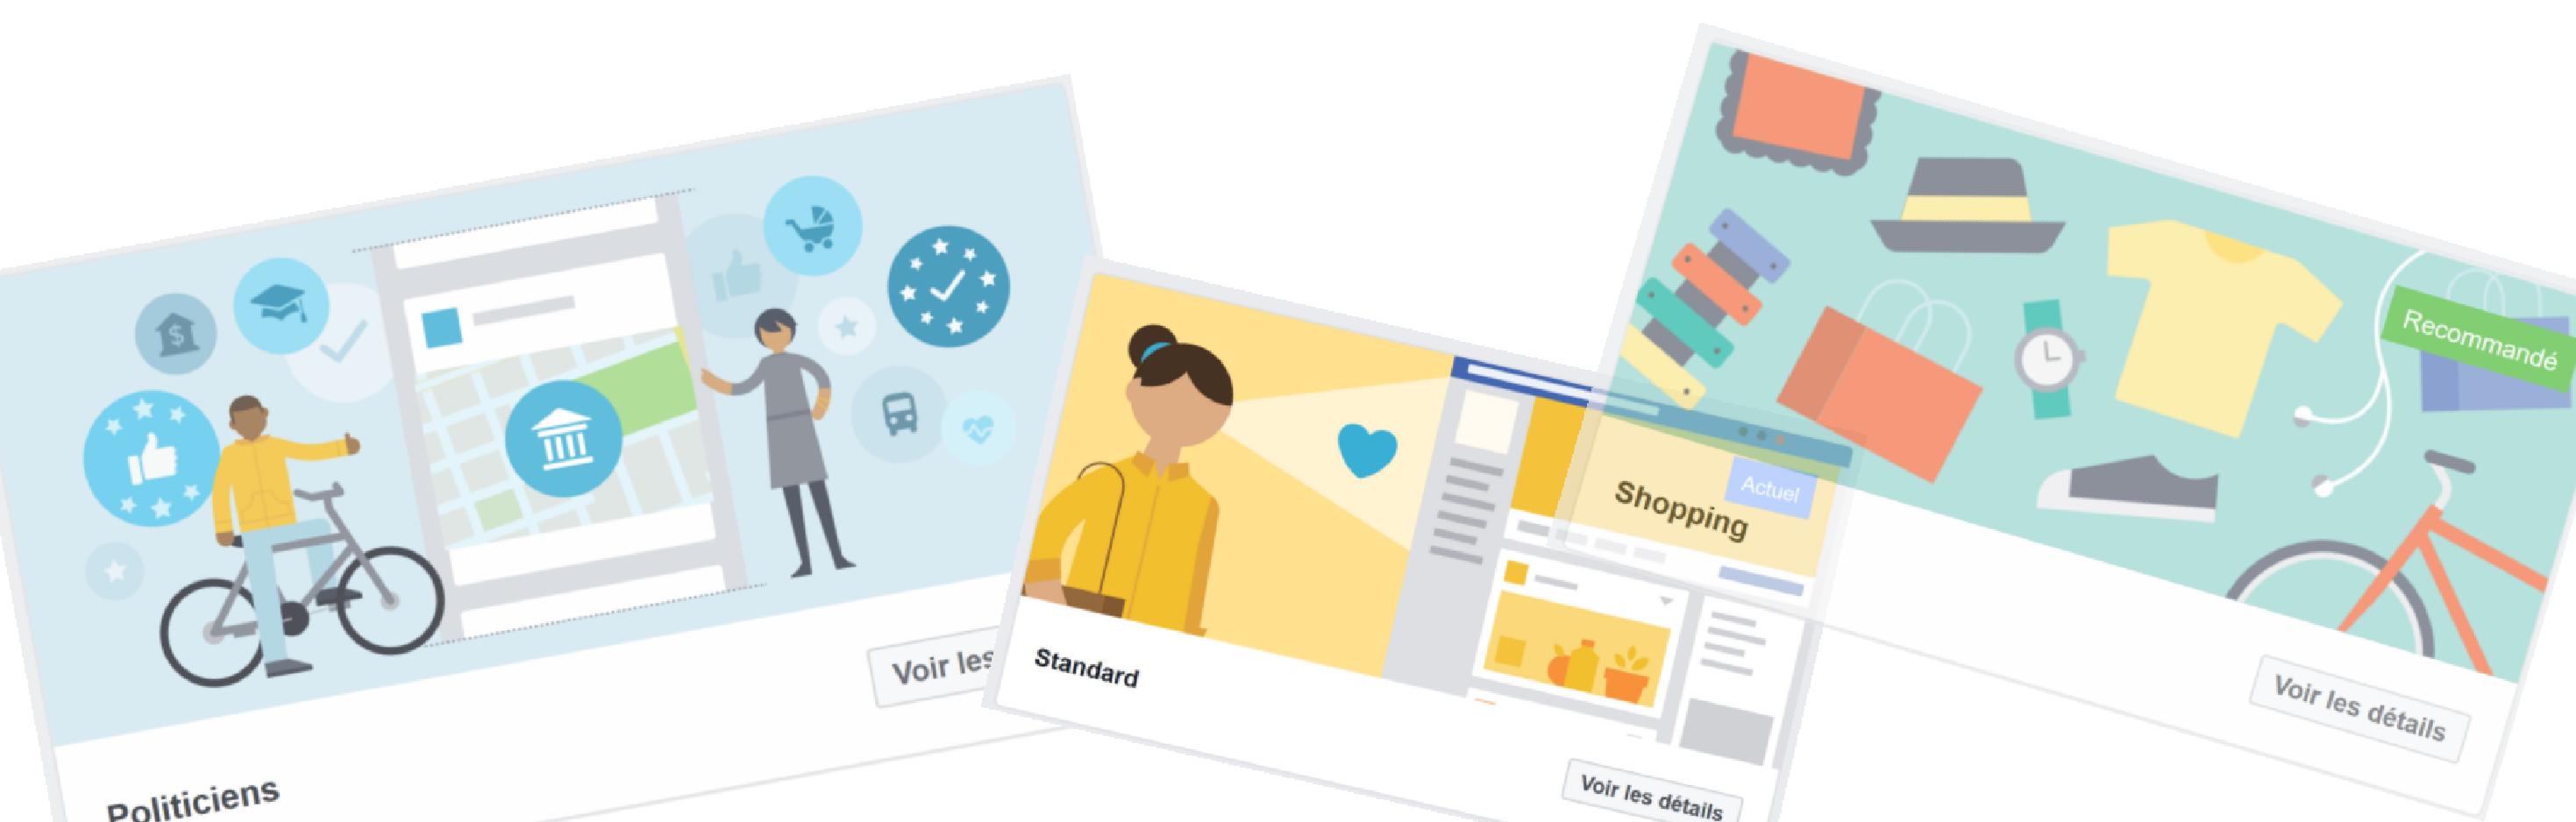 Réseaux sociaux : de nouveaux modèles de page Facebook